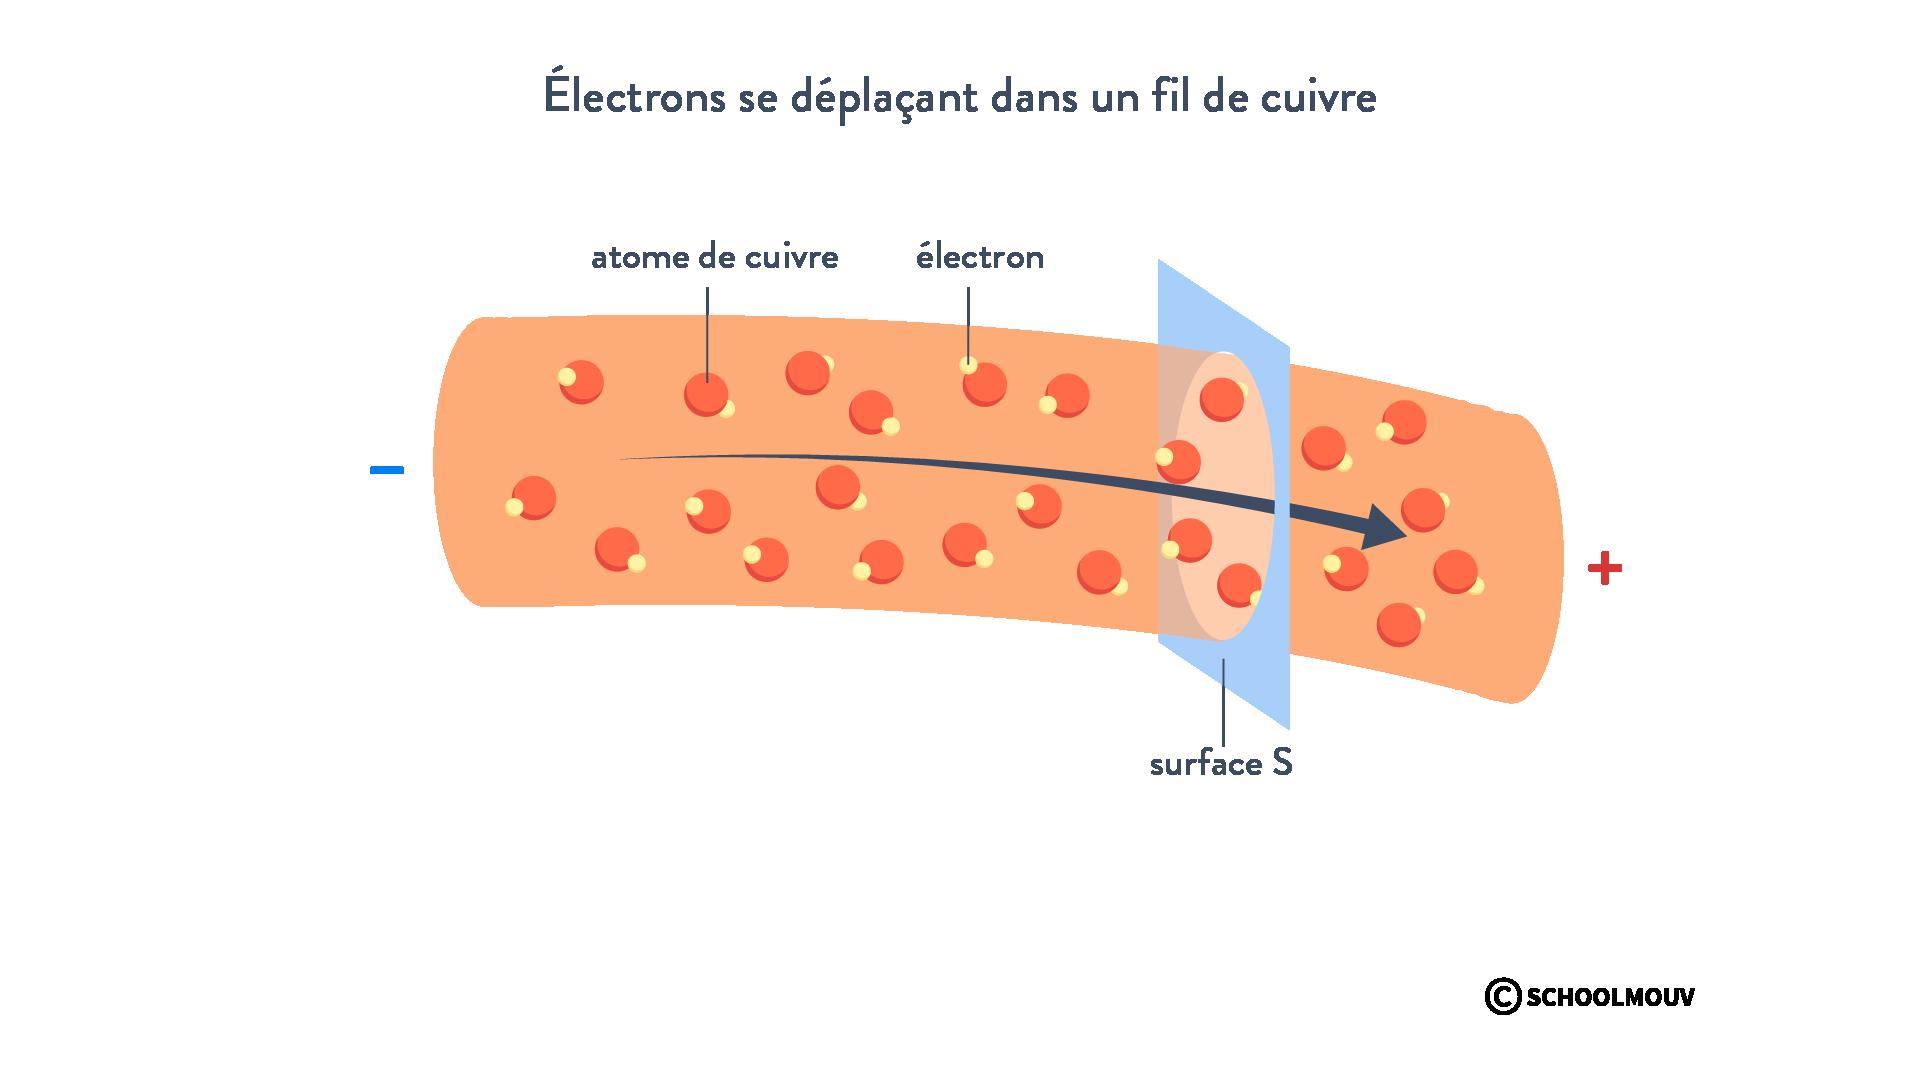 Électrons déplacement fil de cuivre